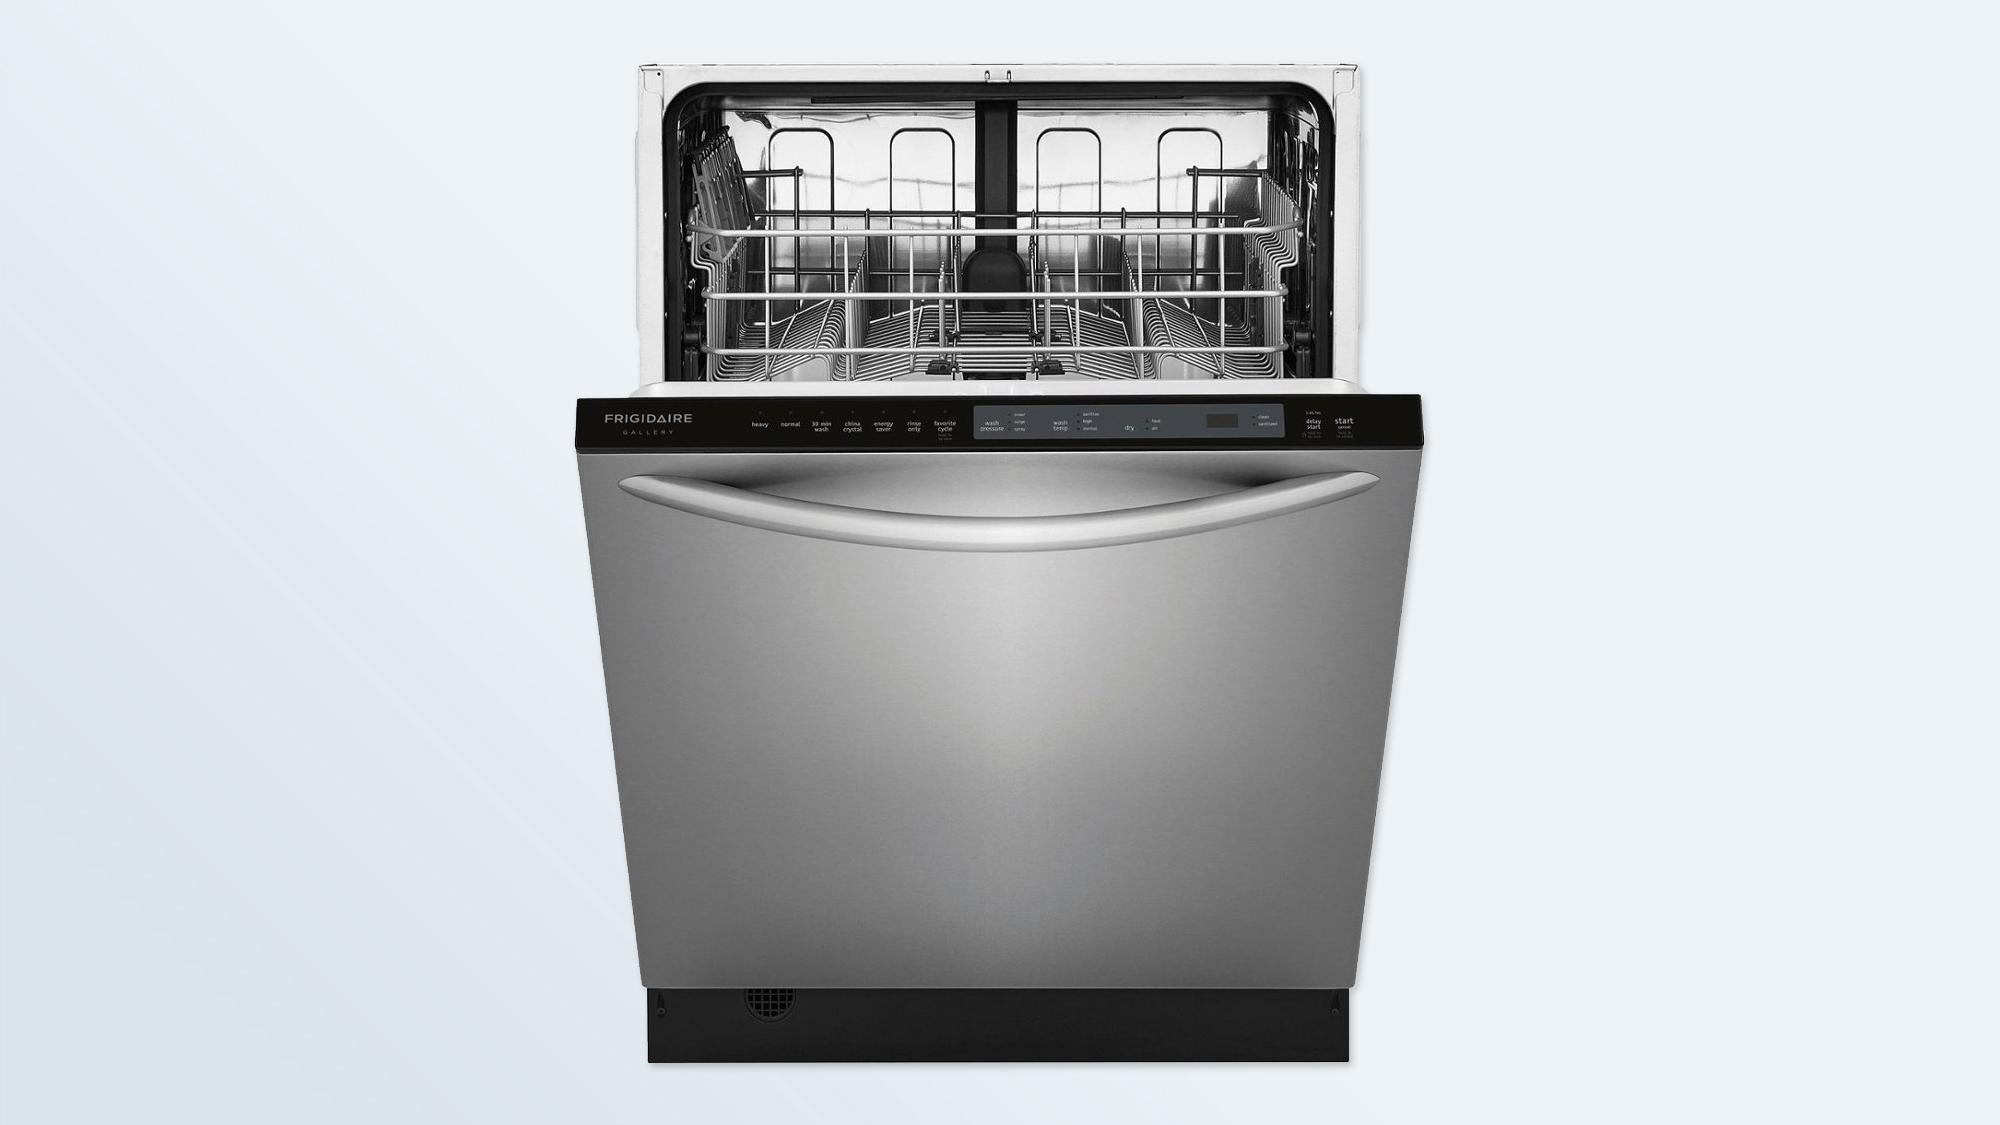 Best dishwashers: Frigidaire Gallery FGID2476SF